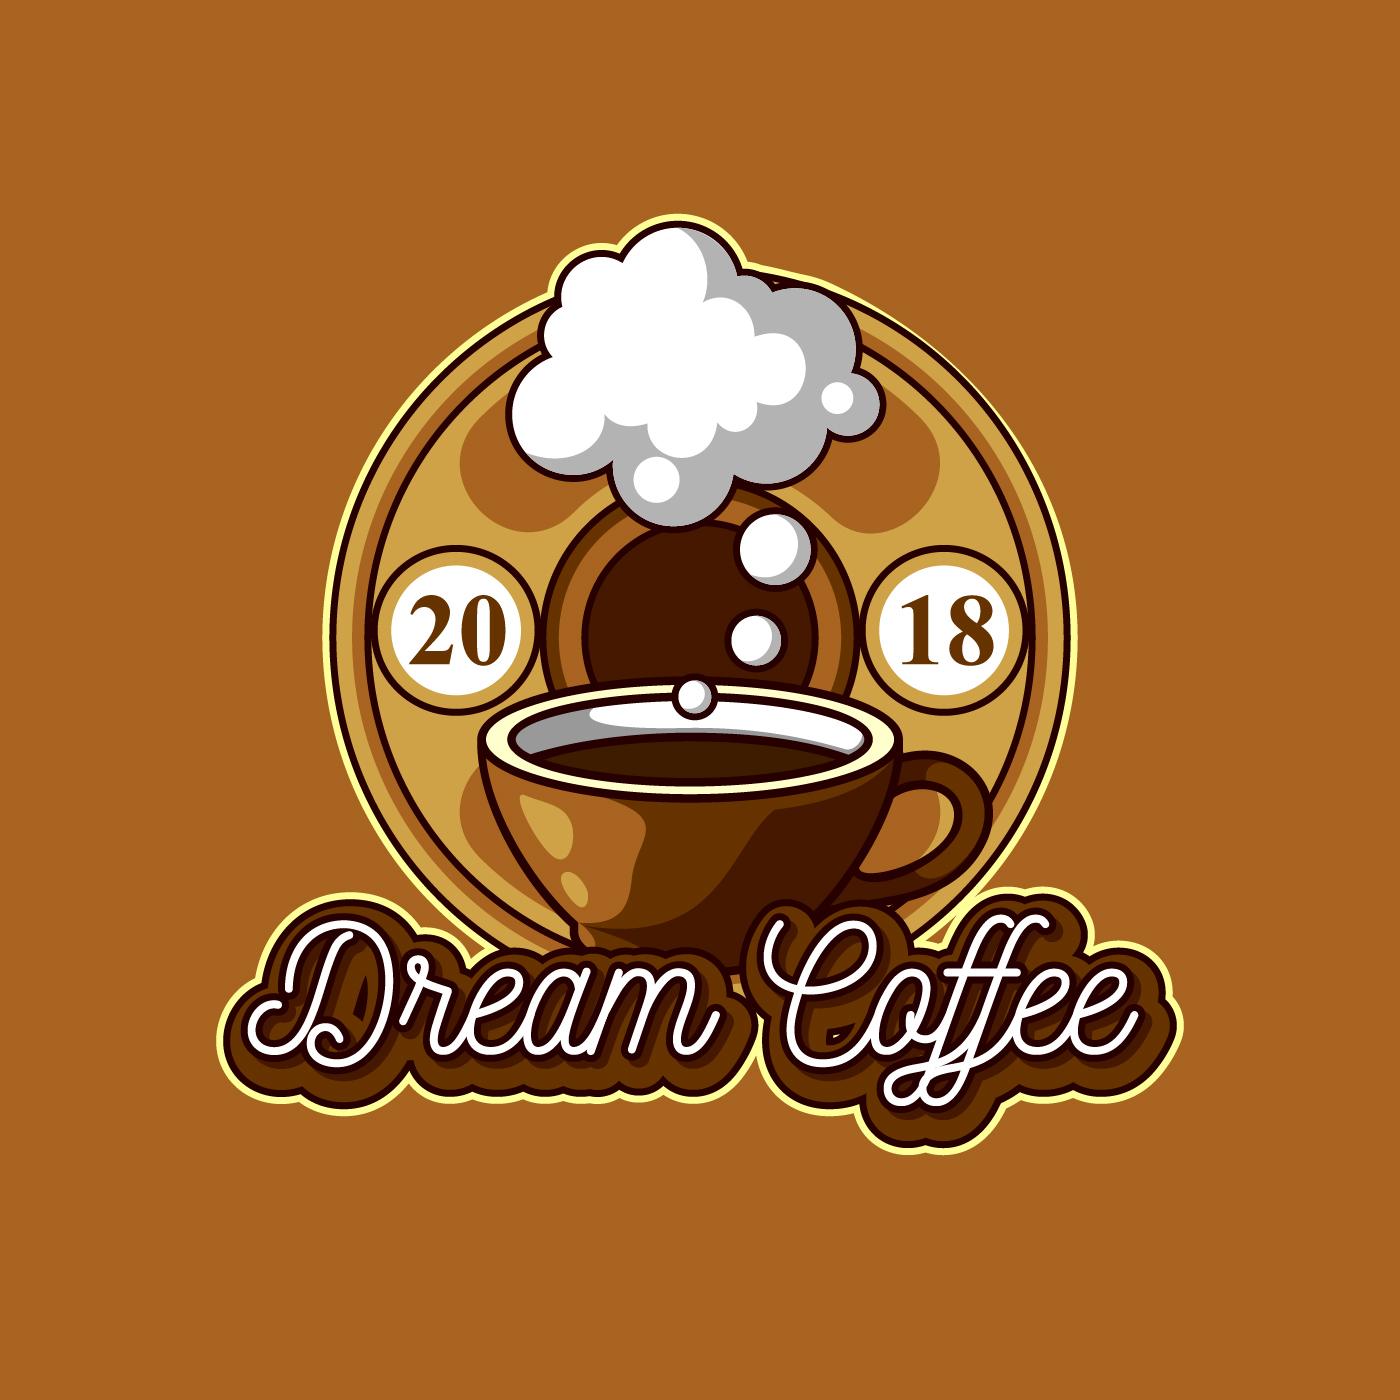 Retro Design Restaurant Logo: Dream Coffee Shop Logo Free Vector